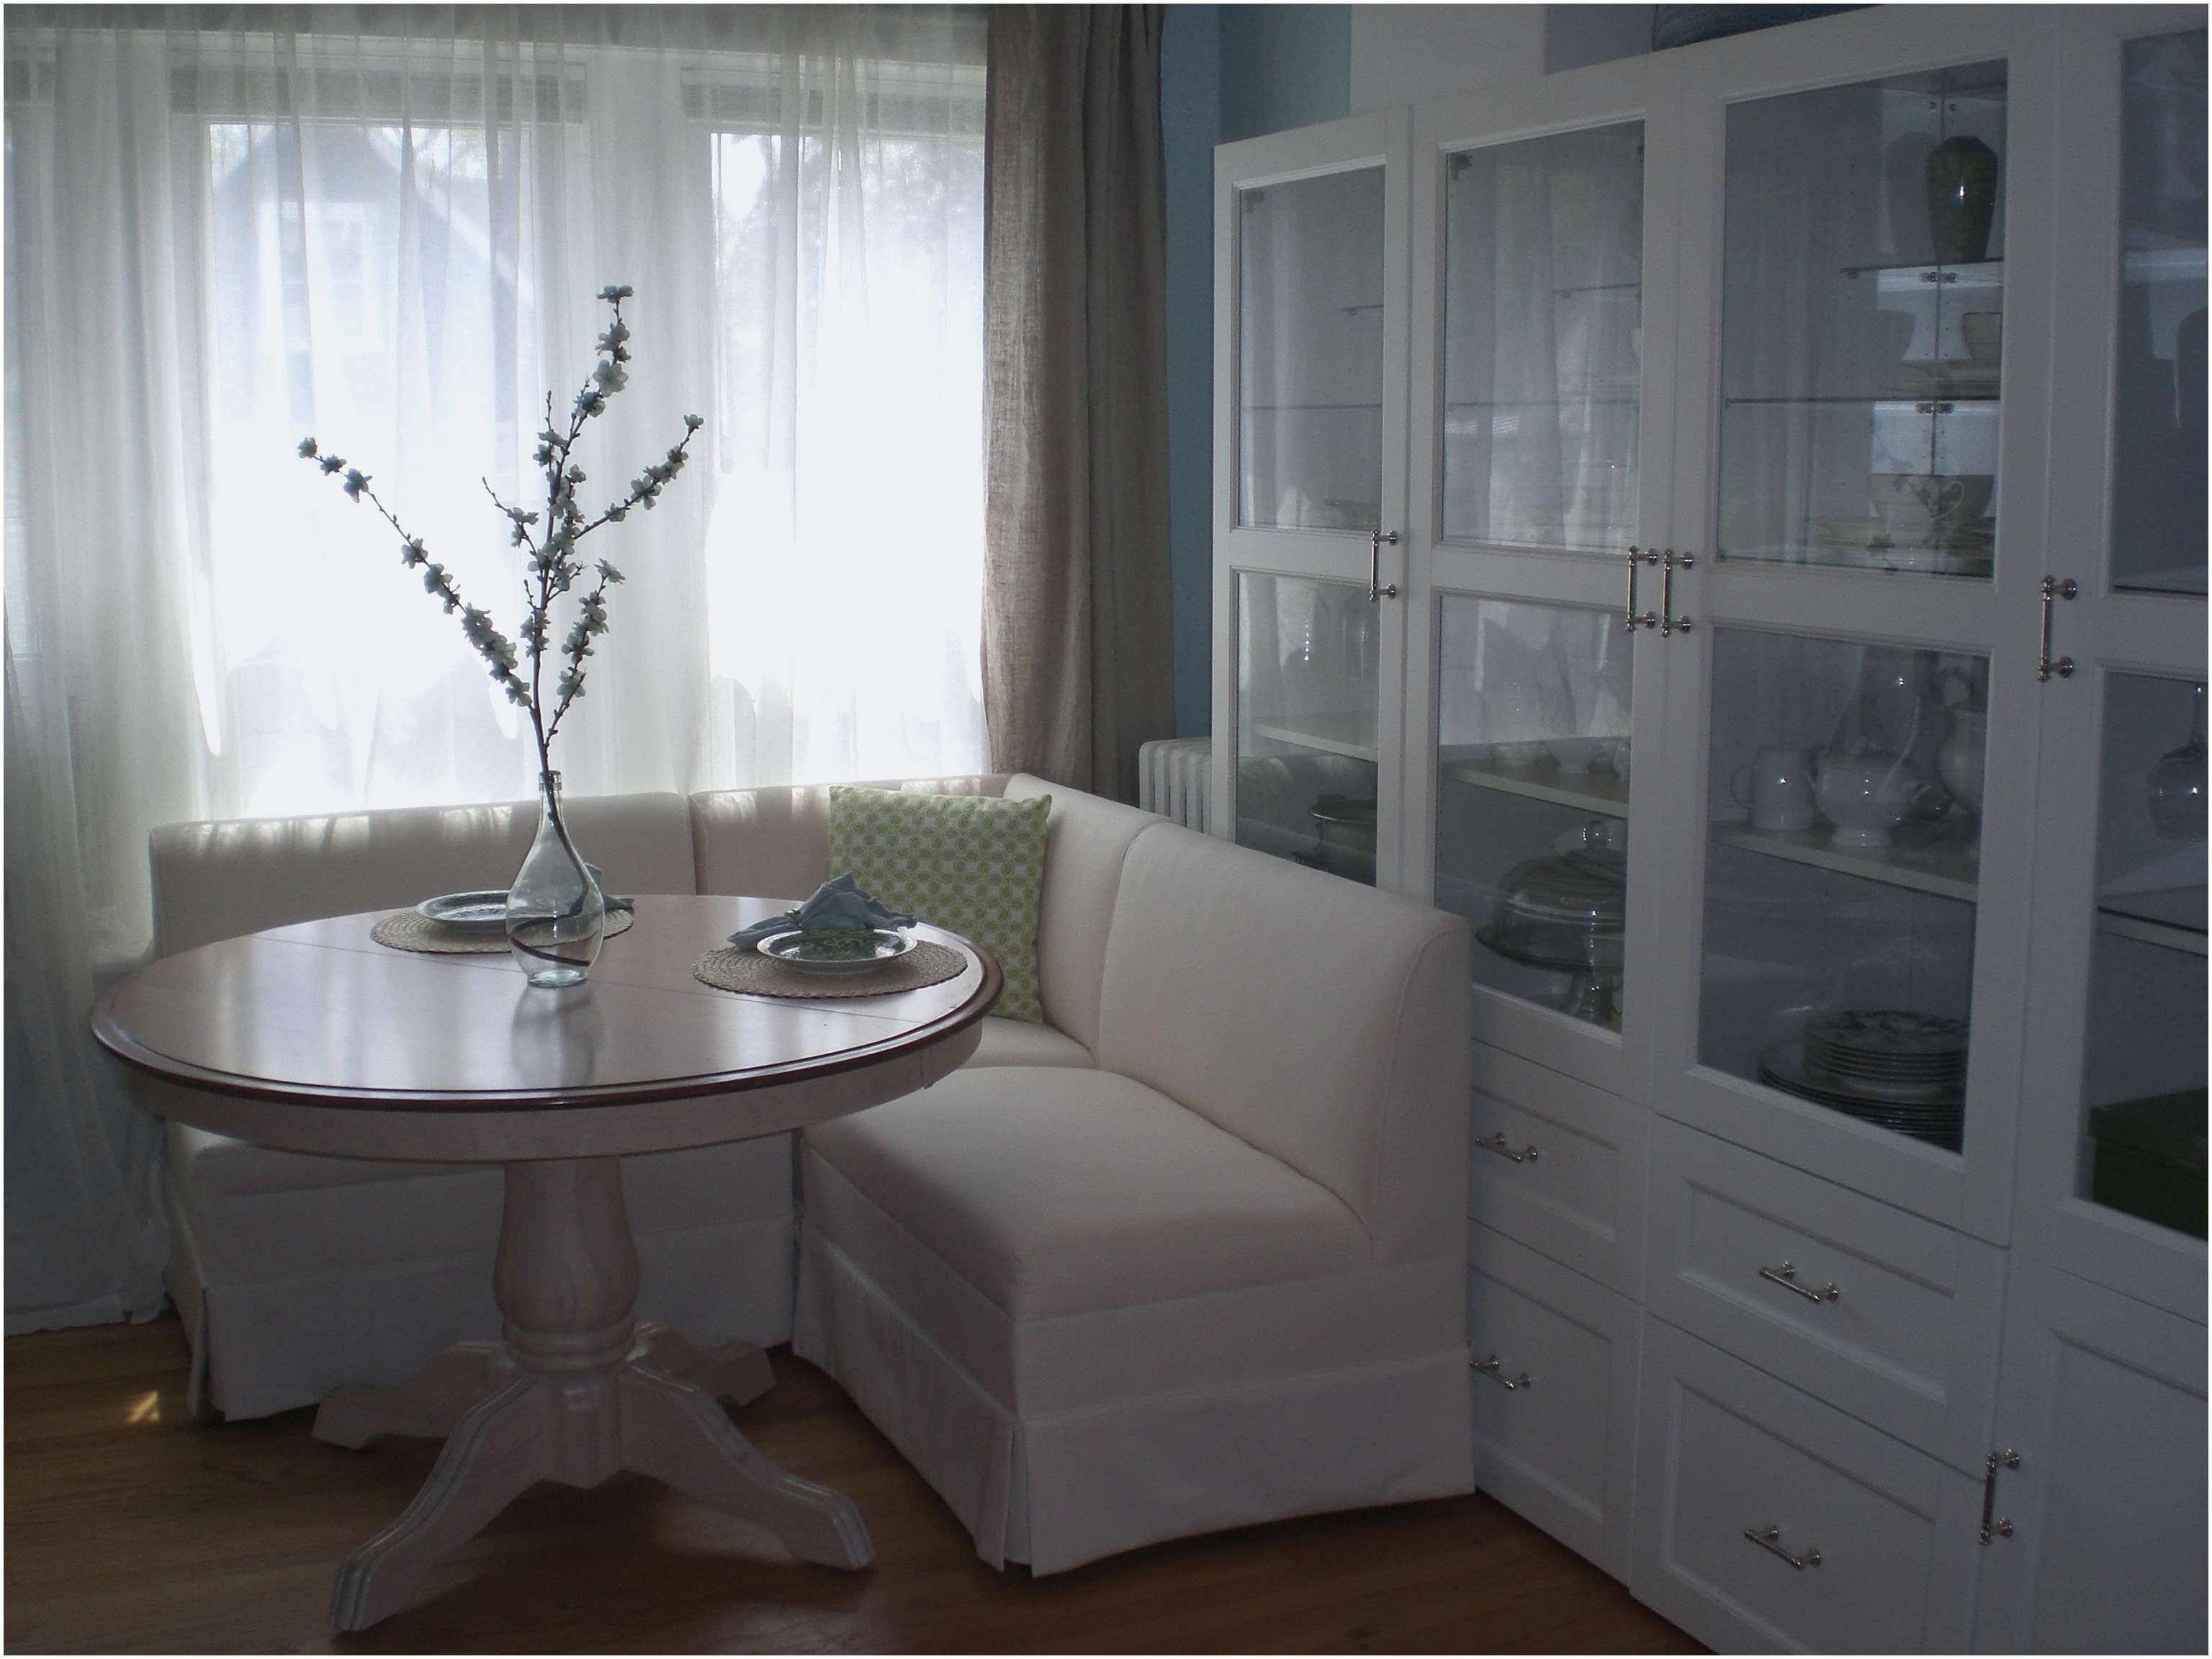 le meilleur de banquette ikea elegant diy upholstered banquette seat f b pinterest pour meilleur diy banquette